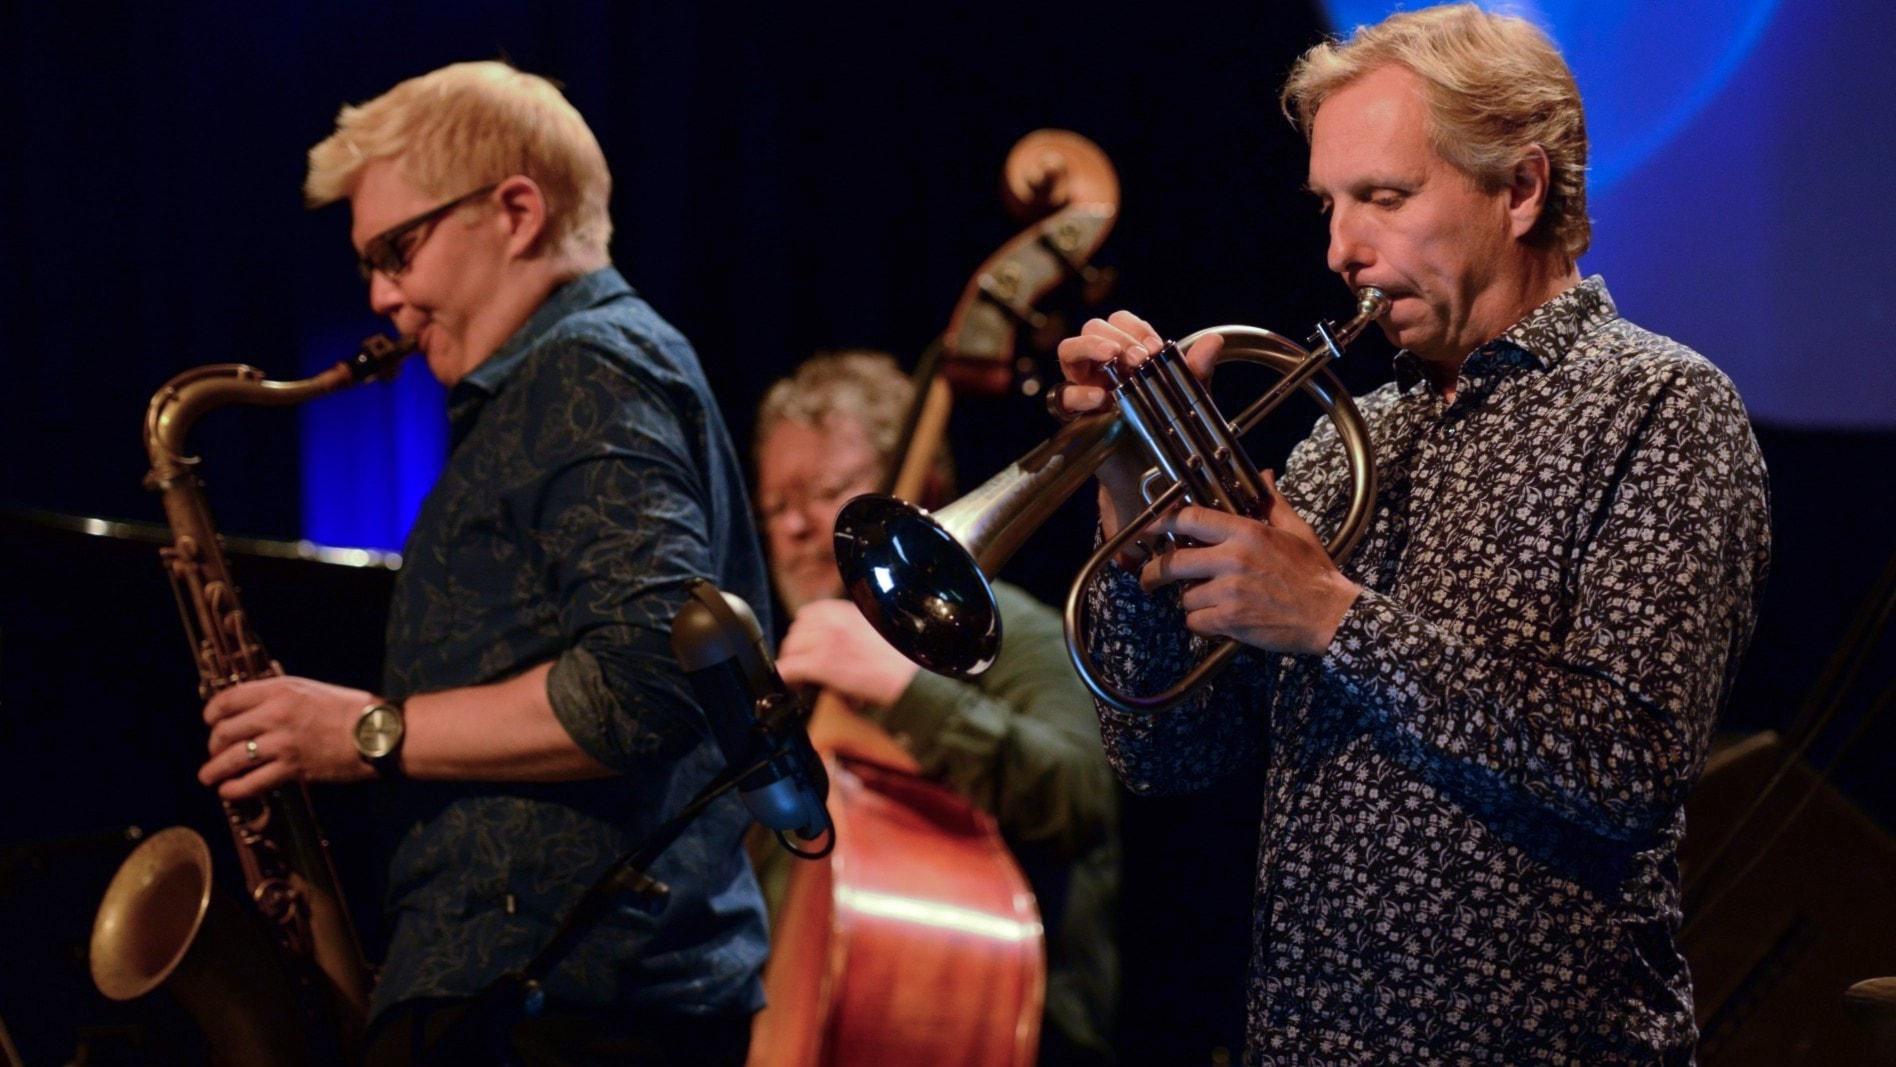 KONSERT: Dölerud Johansson Quintet med Palle Danielsson